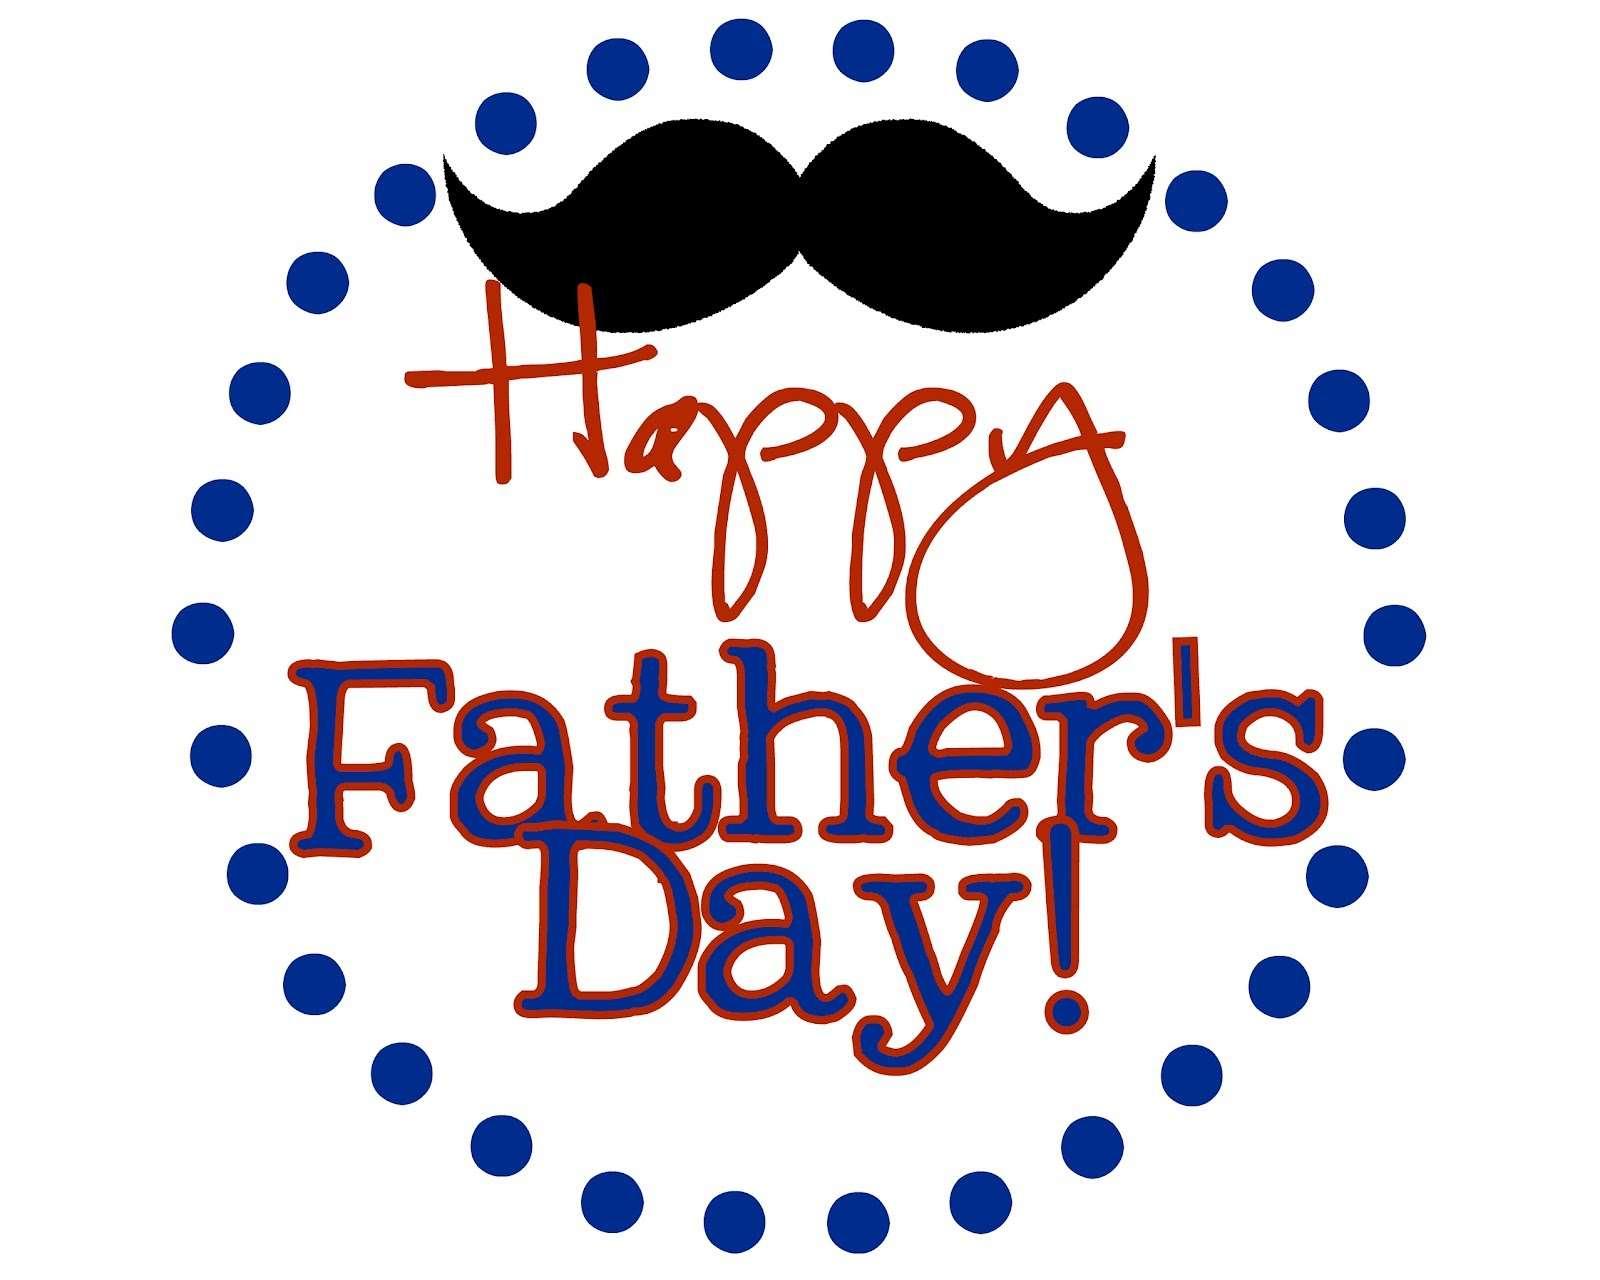 يوم الأب في الدول العربية صور وأخبار Father's Day 5